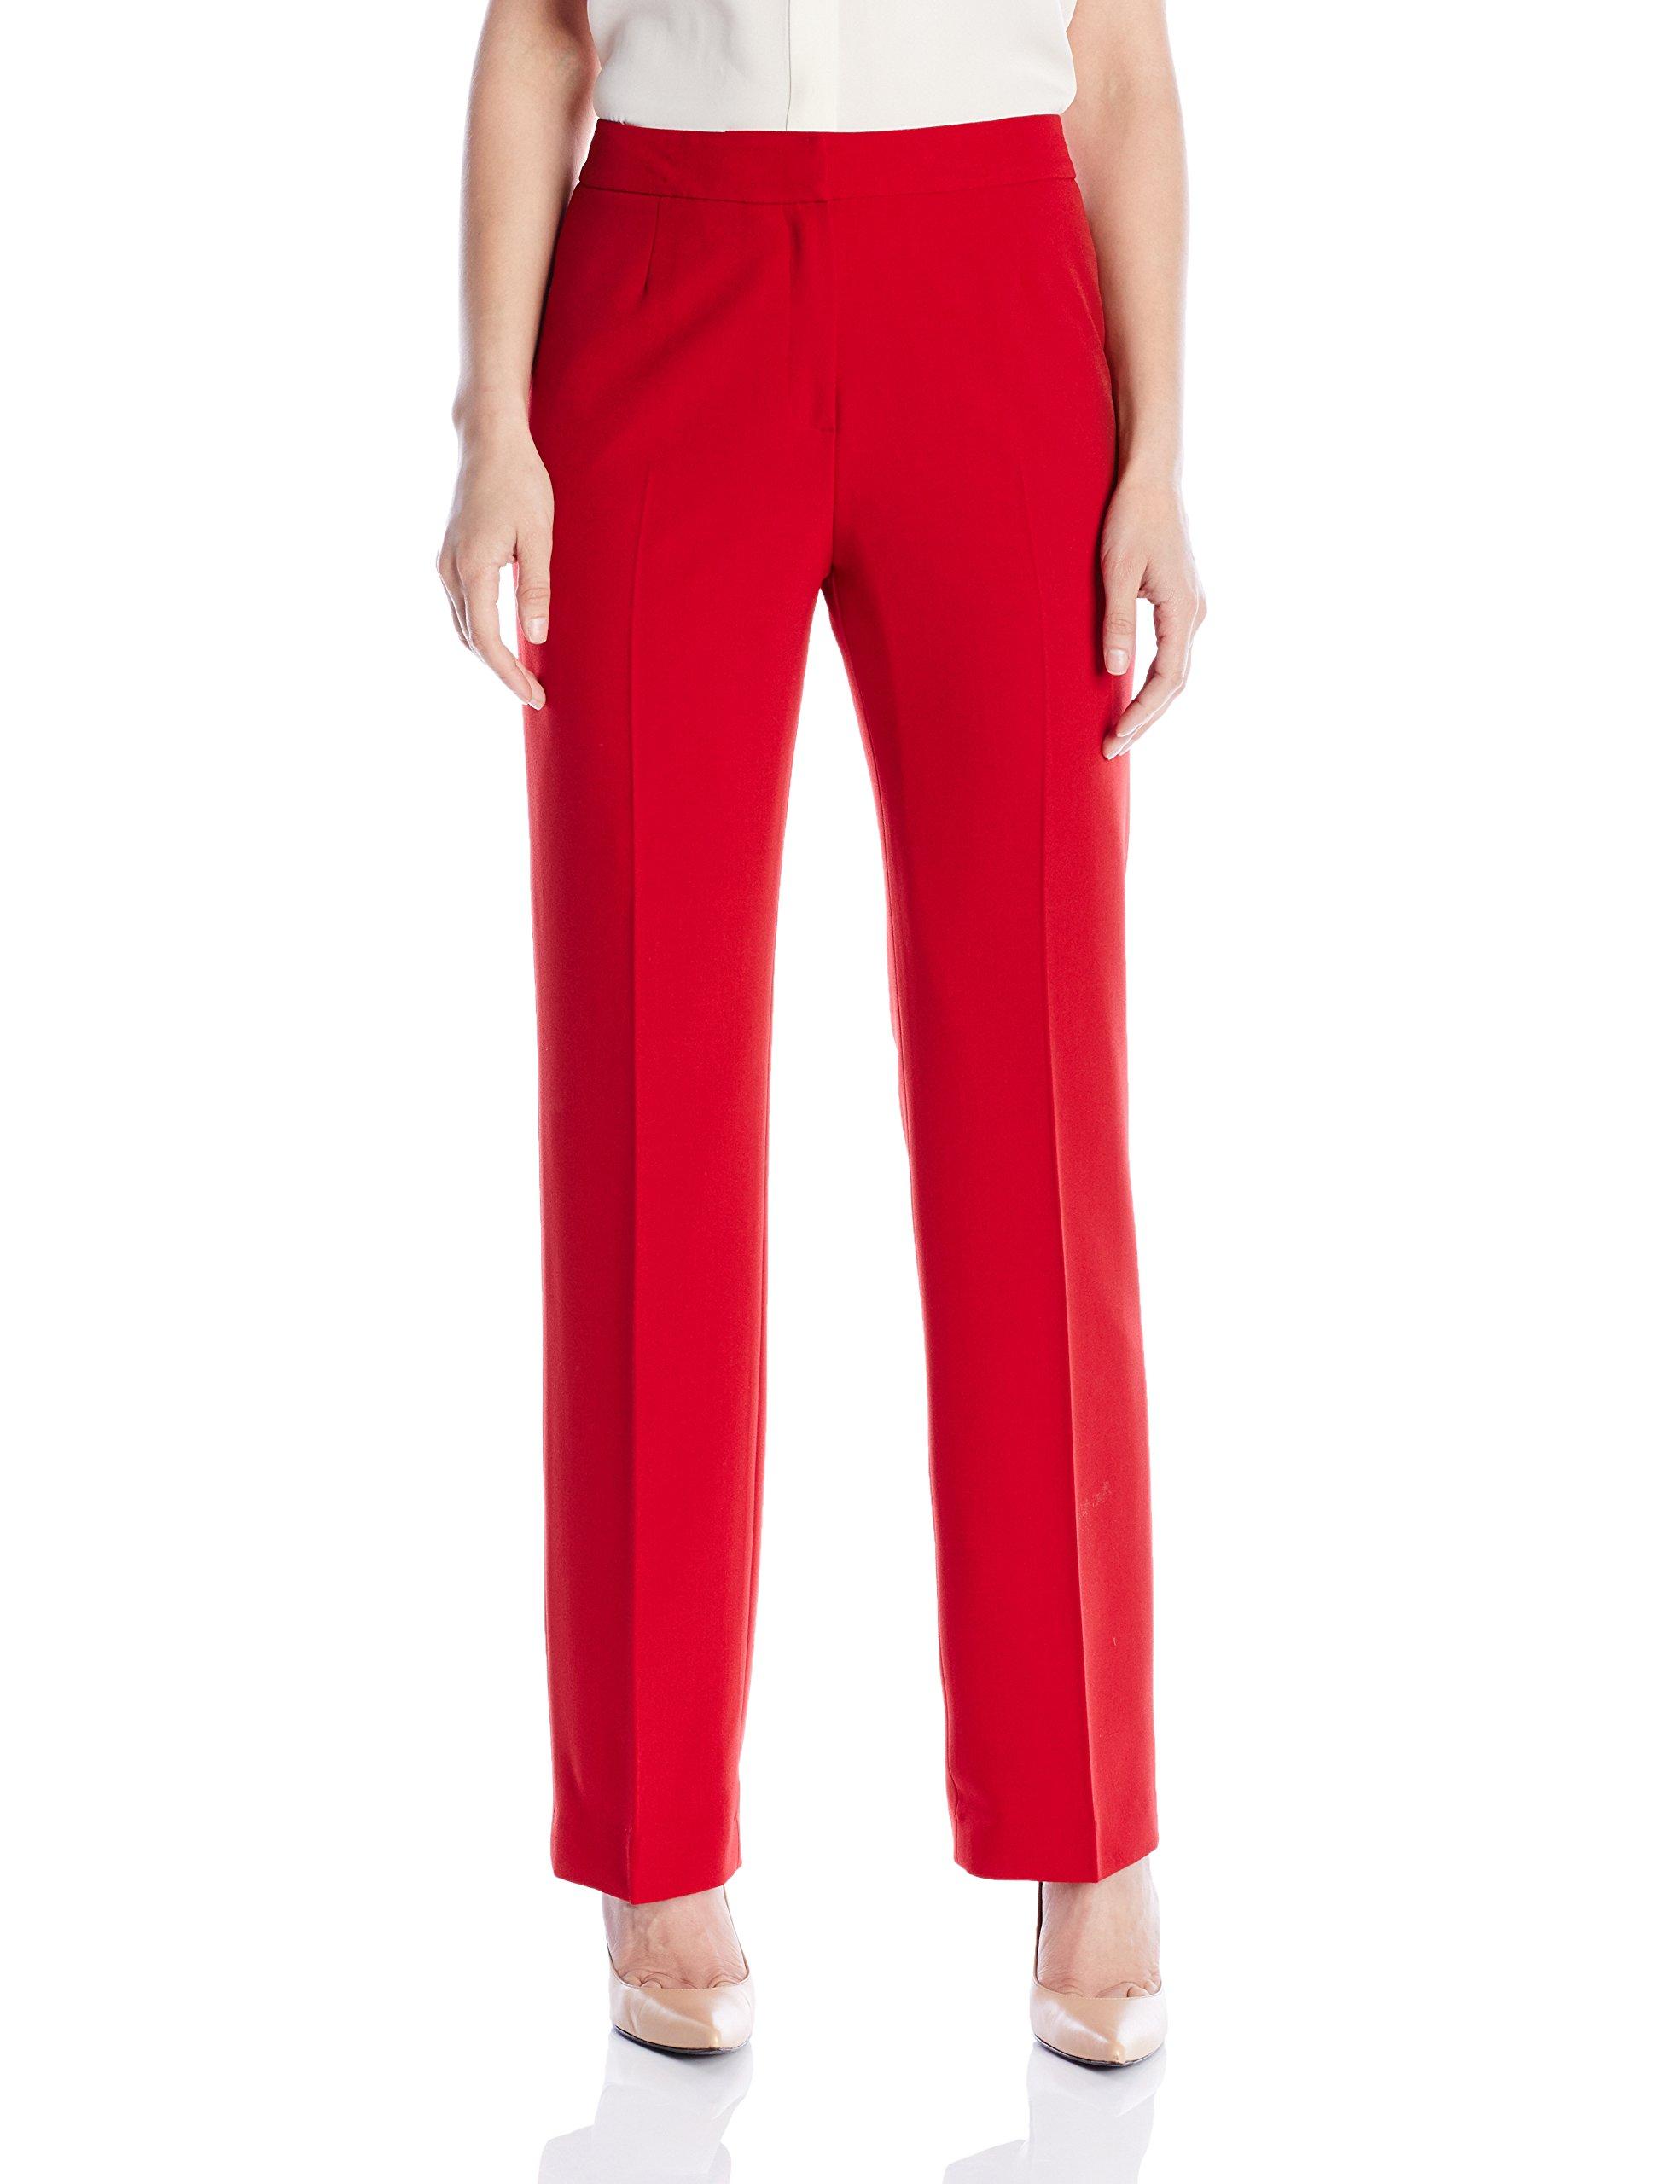 Kasper Women's Stretch Crepe Pant, Fire Red, 4 by Kasper